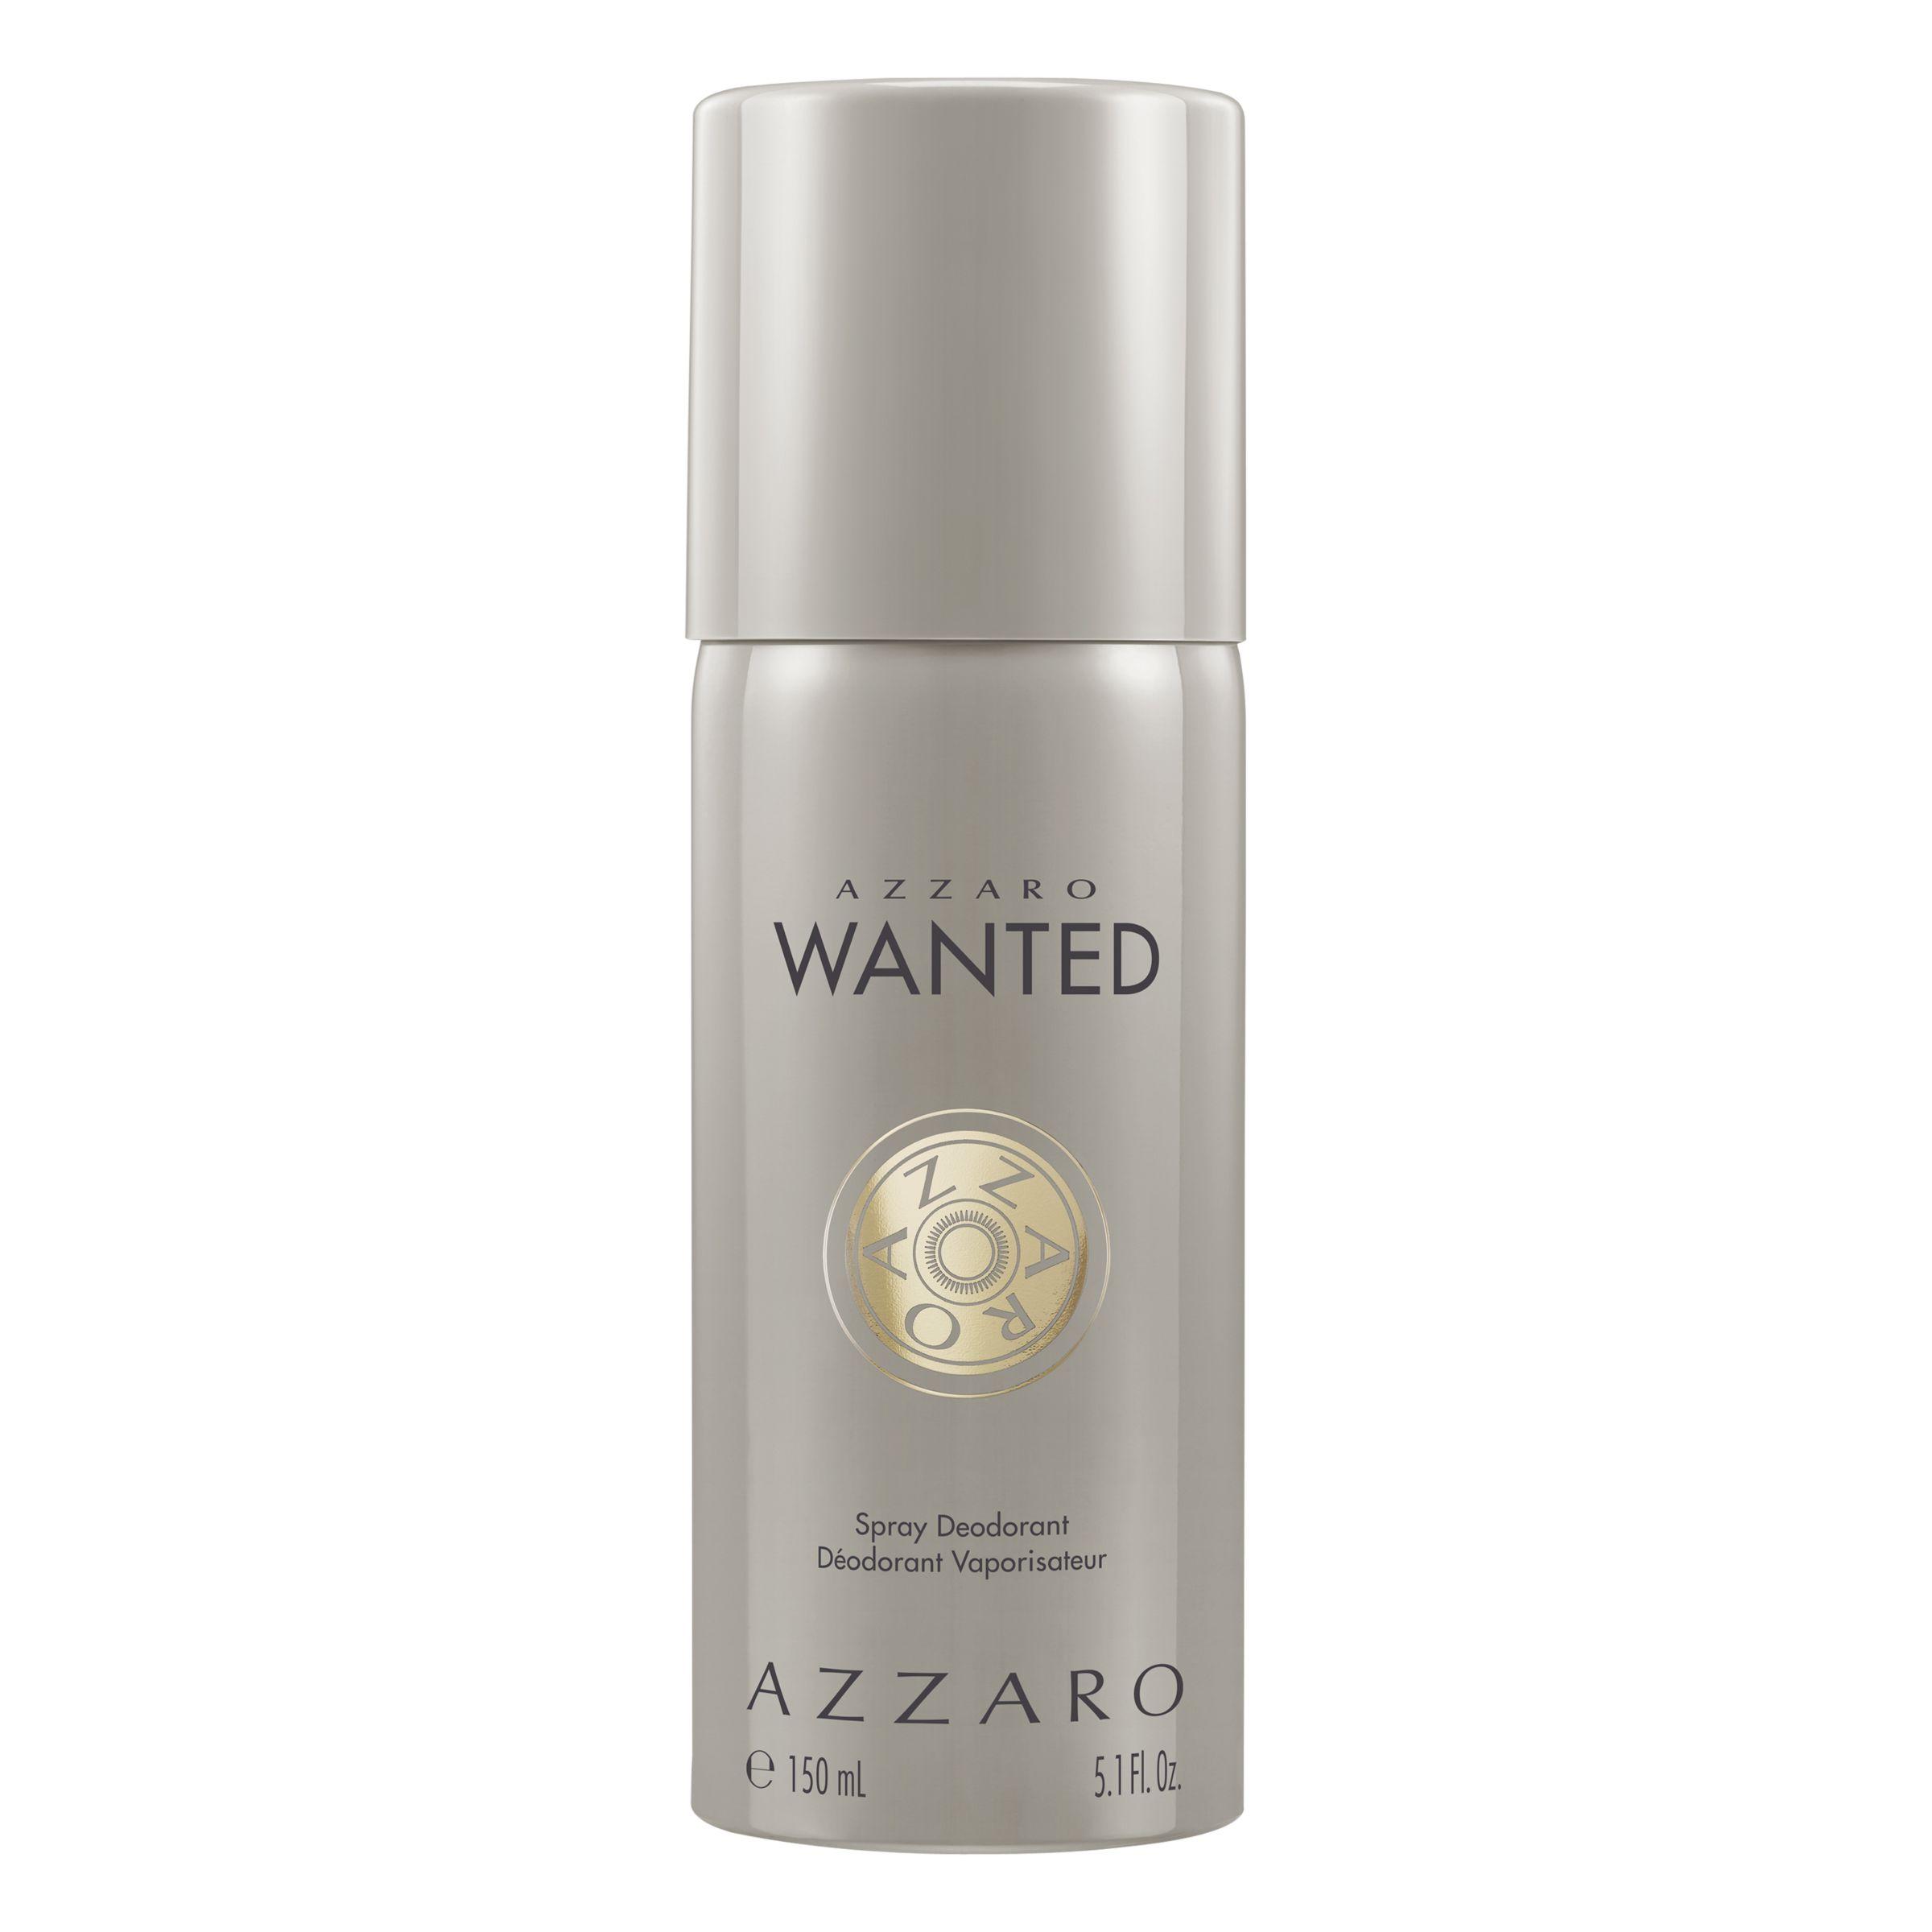 Azzaro Azzaro Wanted Spray Deodorant, 150ml